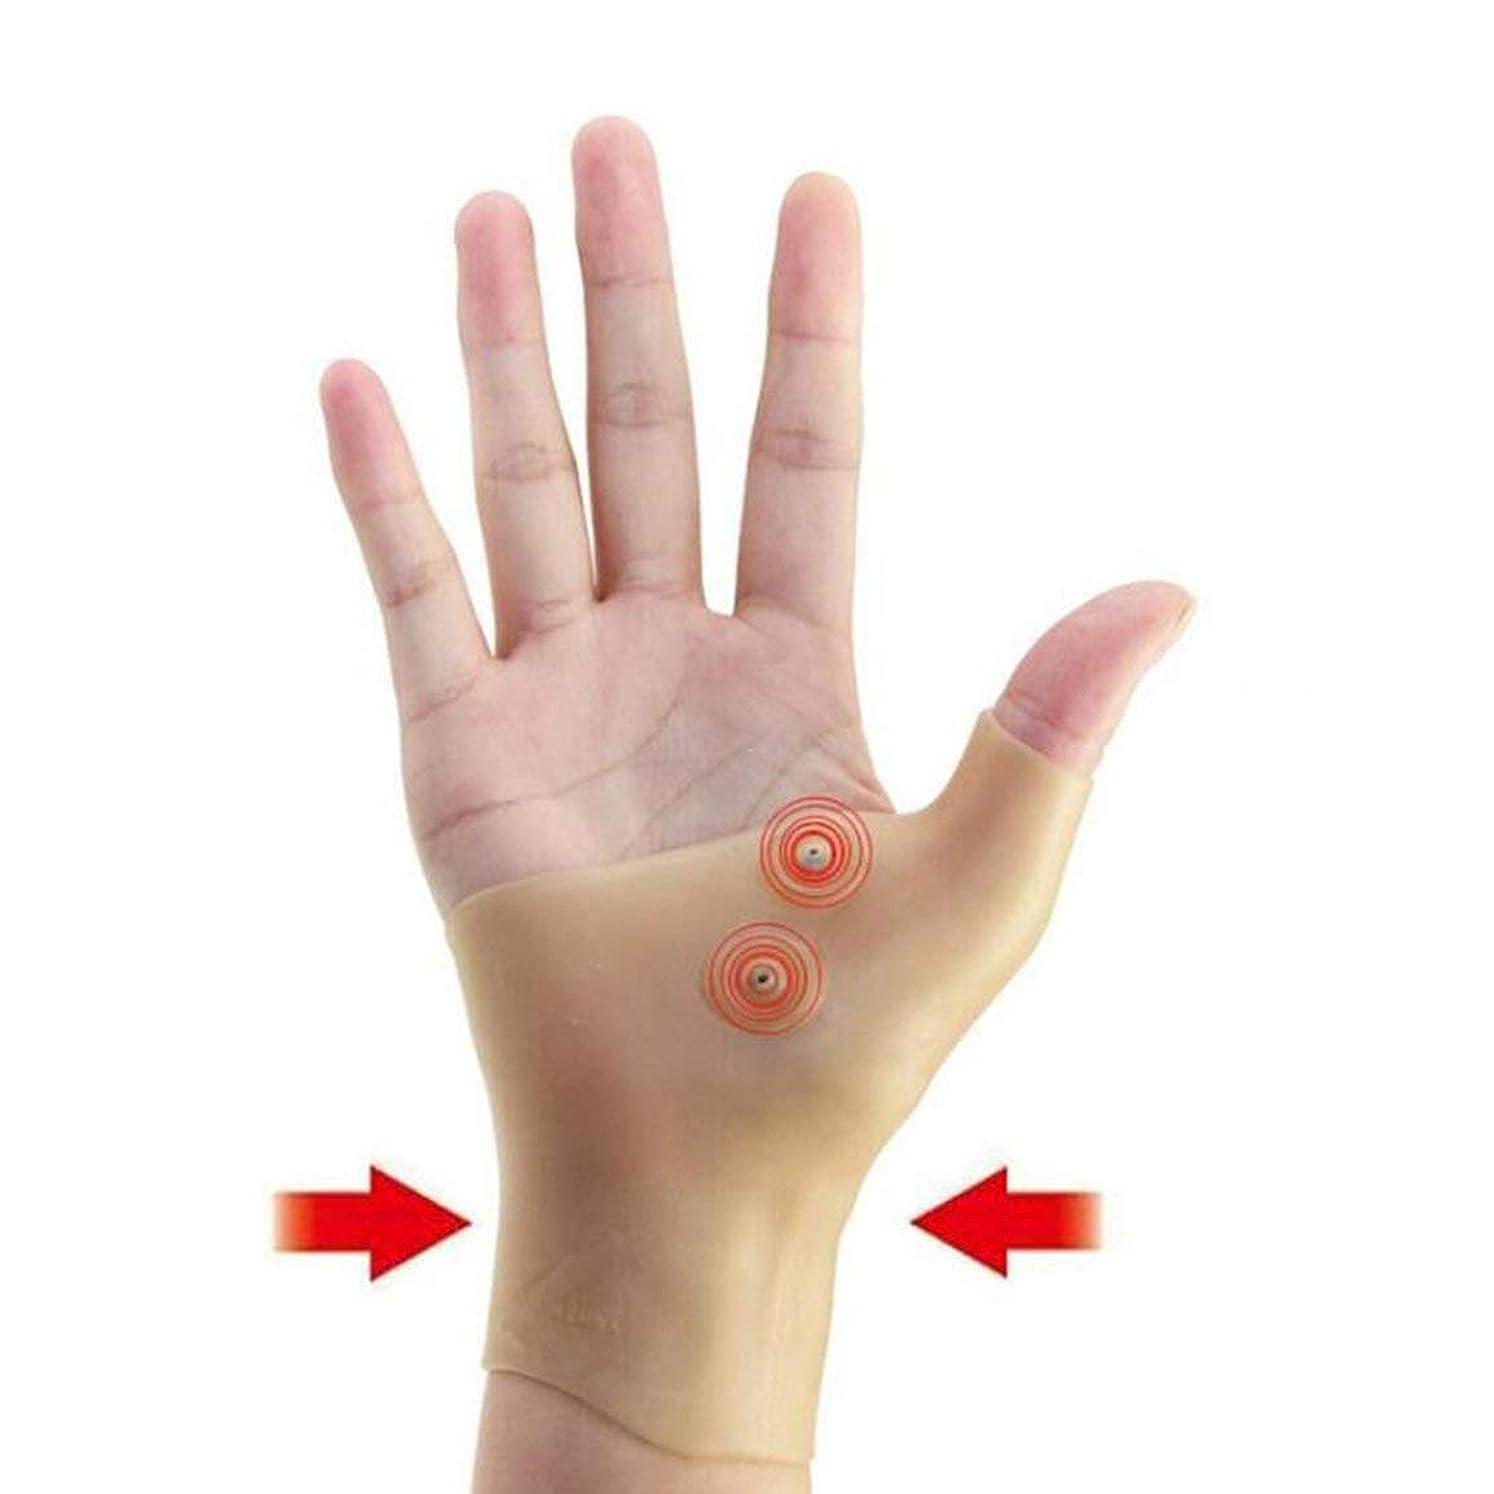 主観的促すシーフード磁気療法手首手親指サポート手袋シリコーンゲル関節炎圧力矯正器マッサージ痛み緩和手袋 - 肌の色